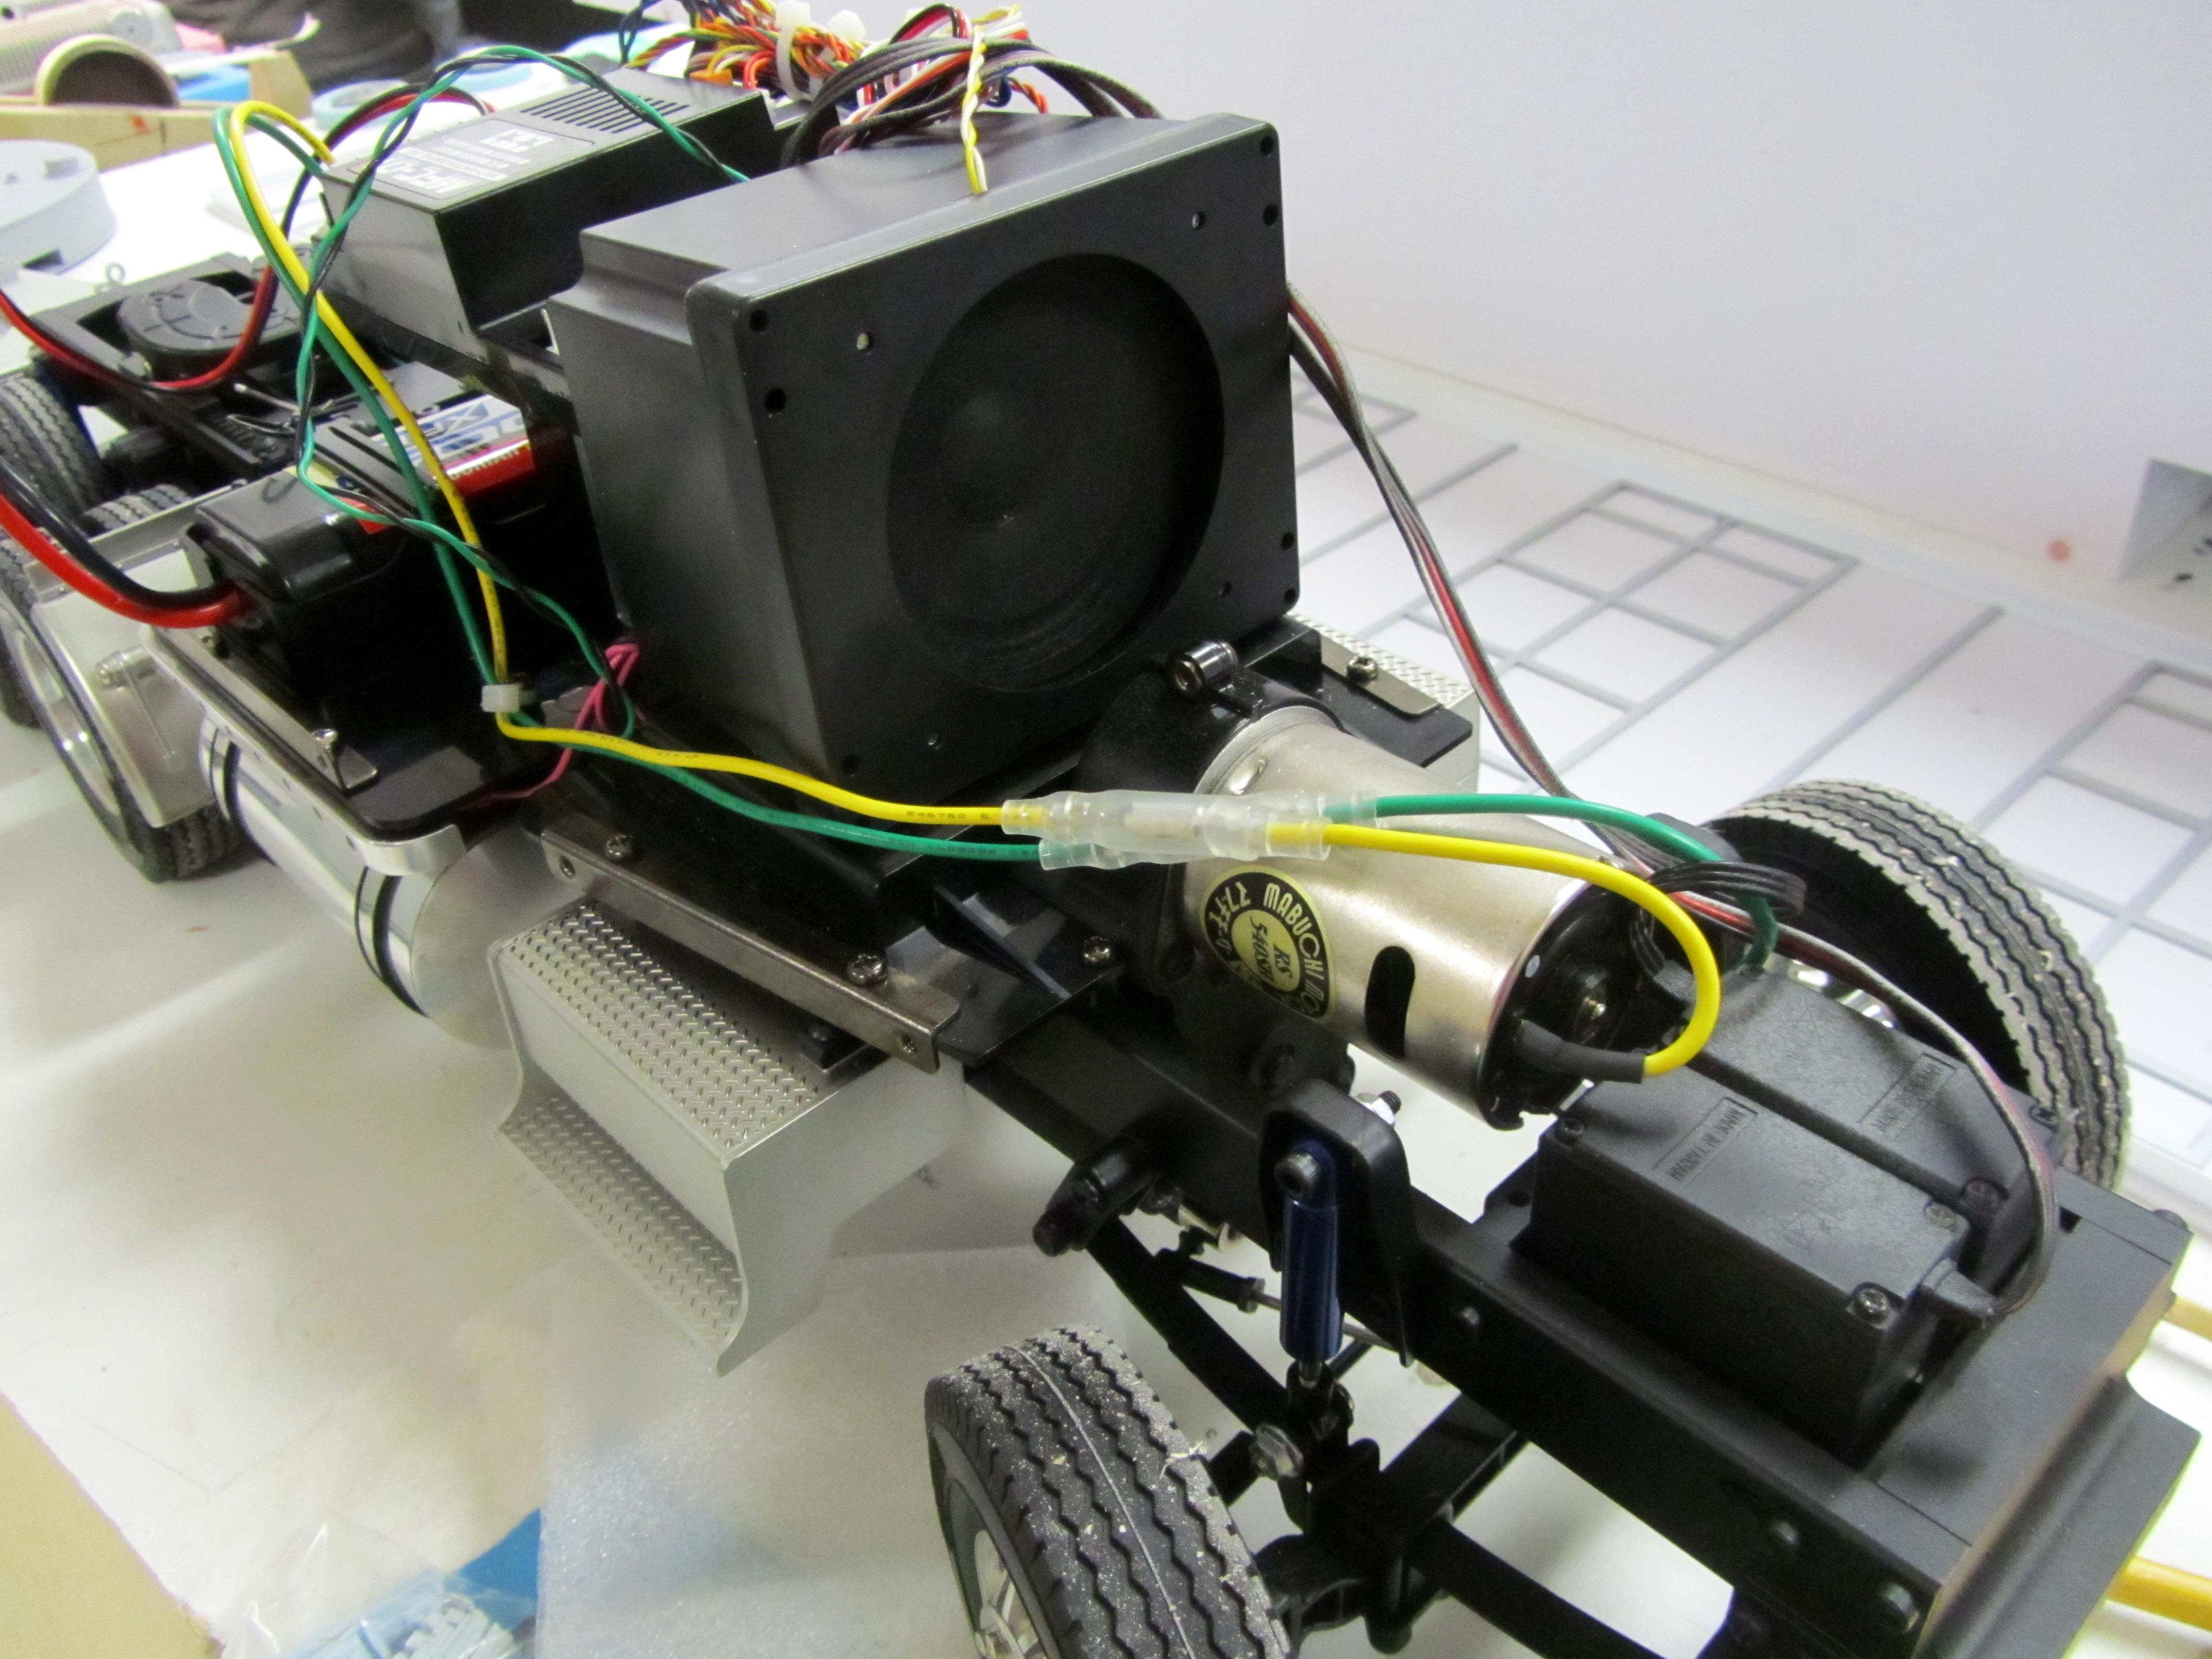 Remote Control Trade Show Truck Model | KiwiMill Blog